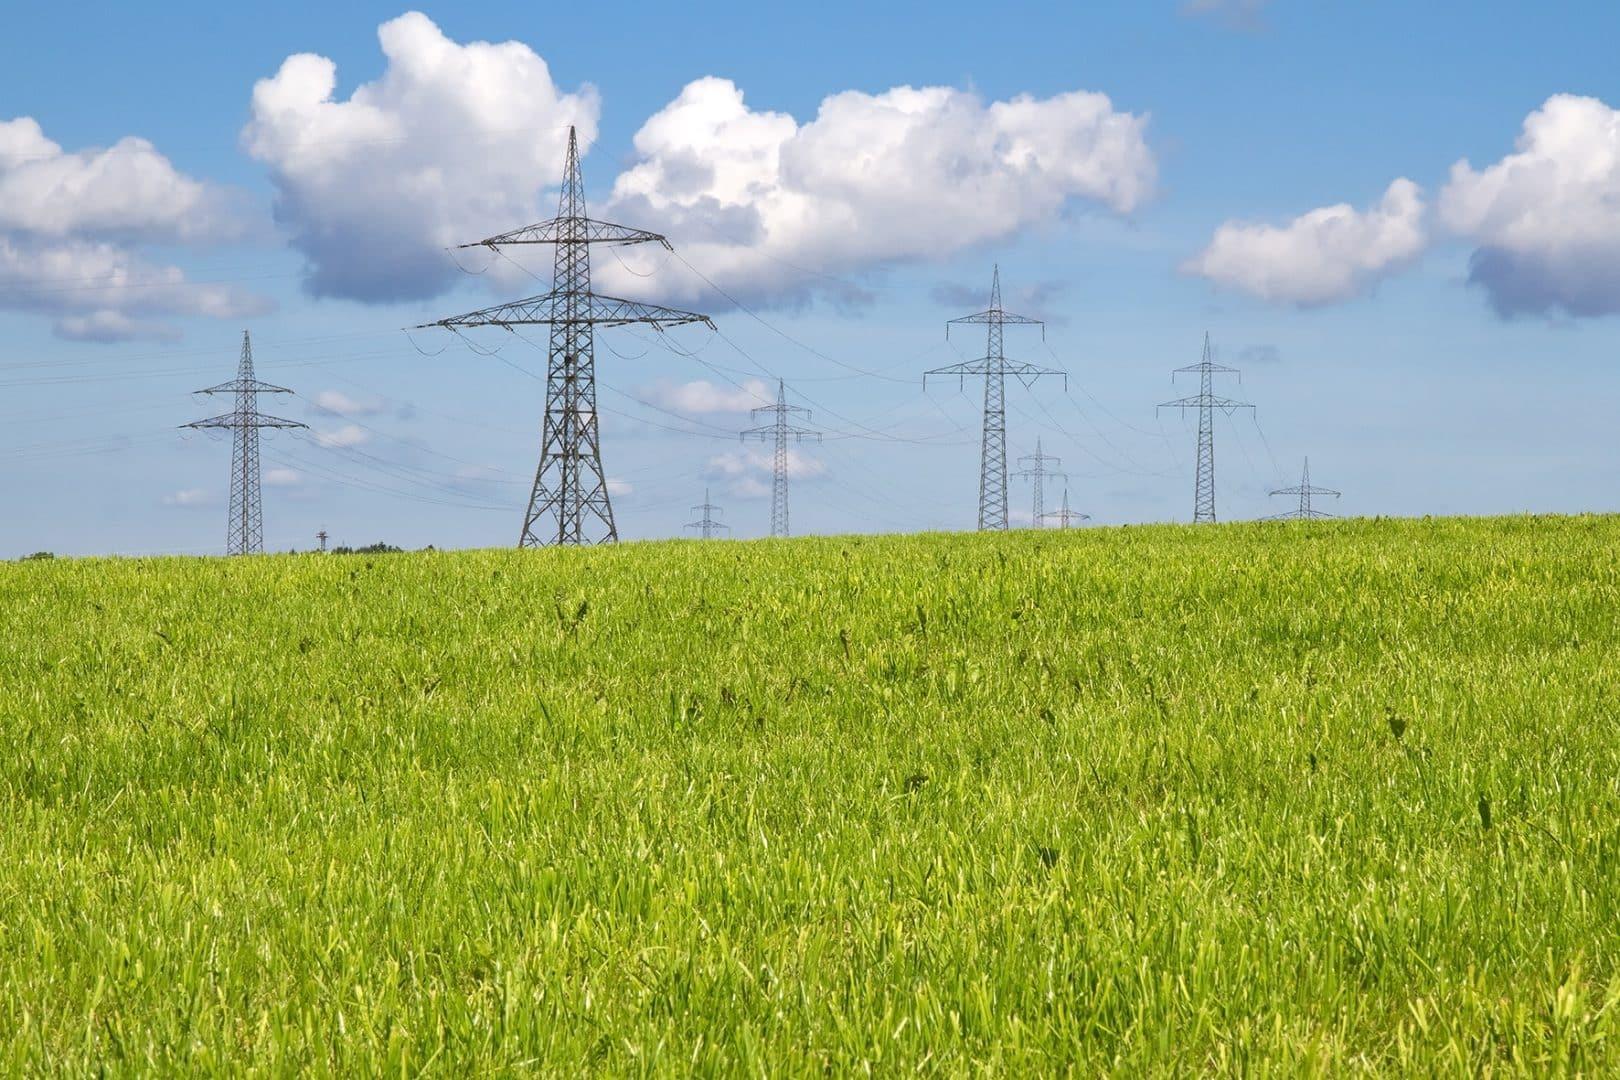 ministere transition ecologique fait point avec acteurs energie reconfinement